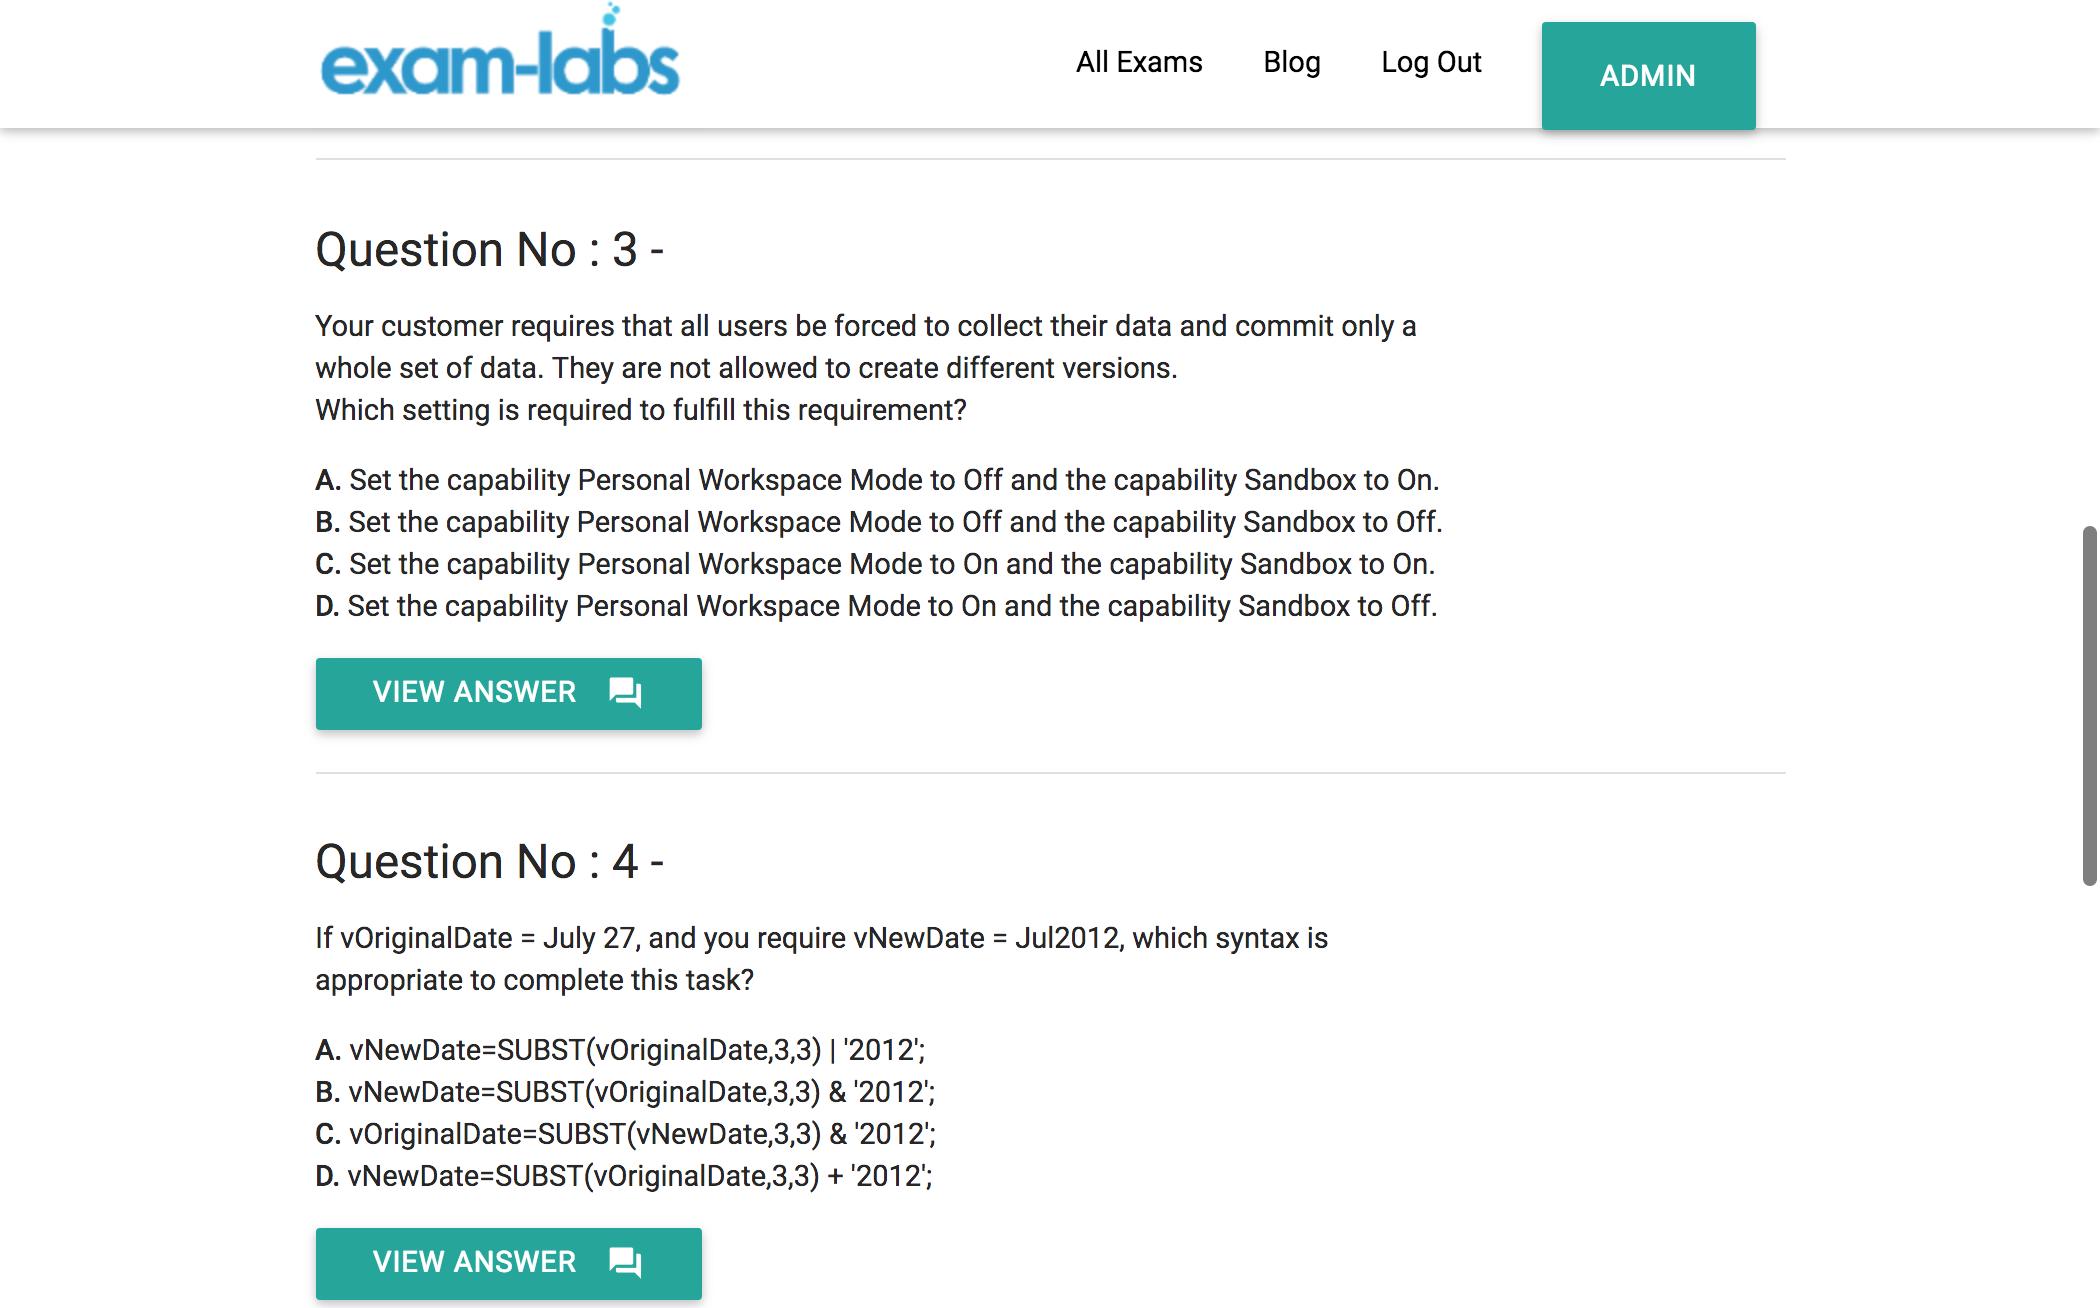 C2020 702 Ibm Practice Exam Questions 100 Free Exam Labs